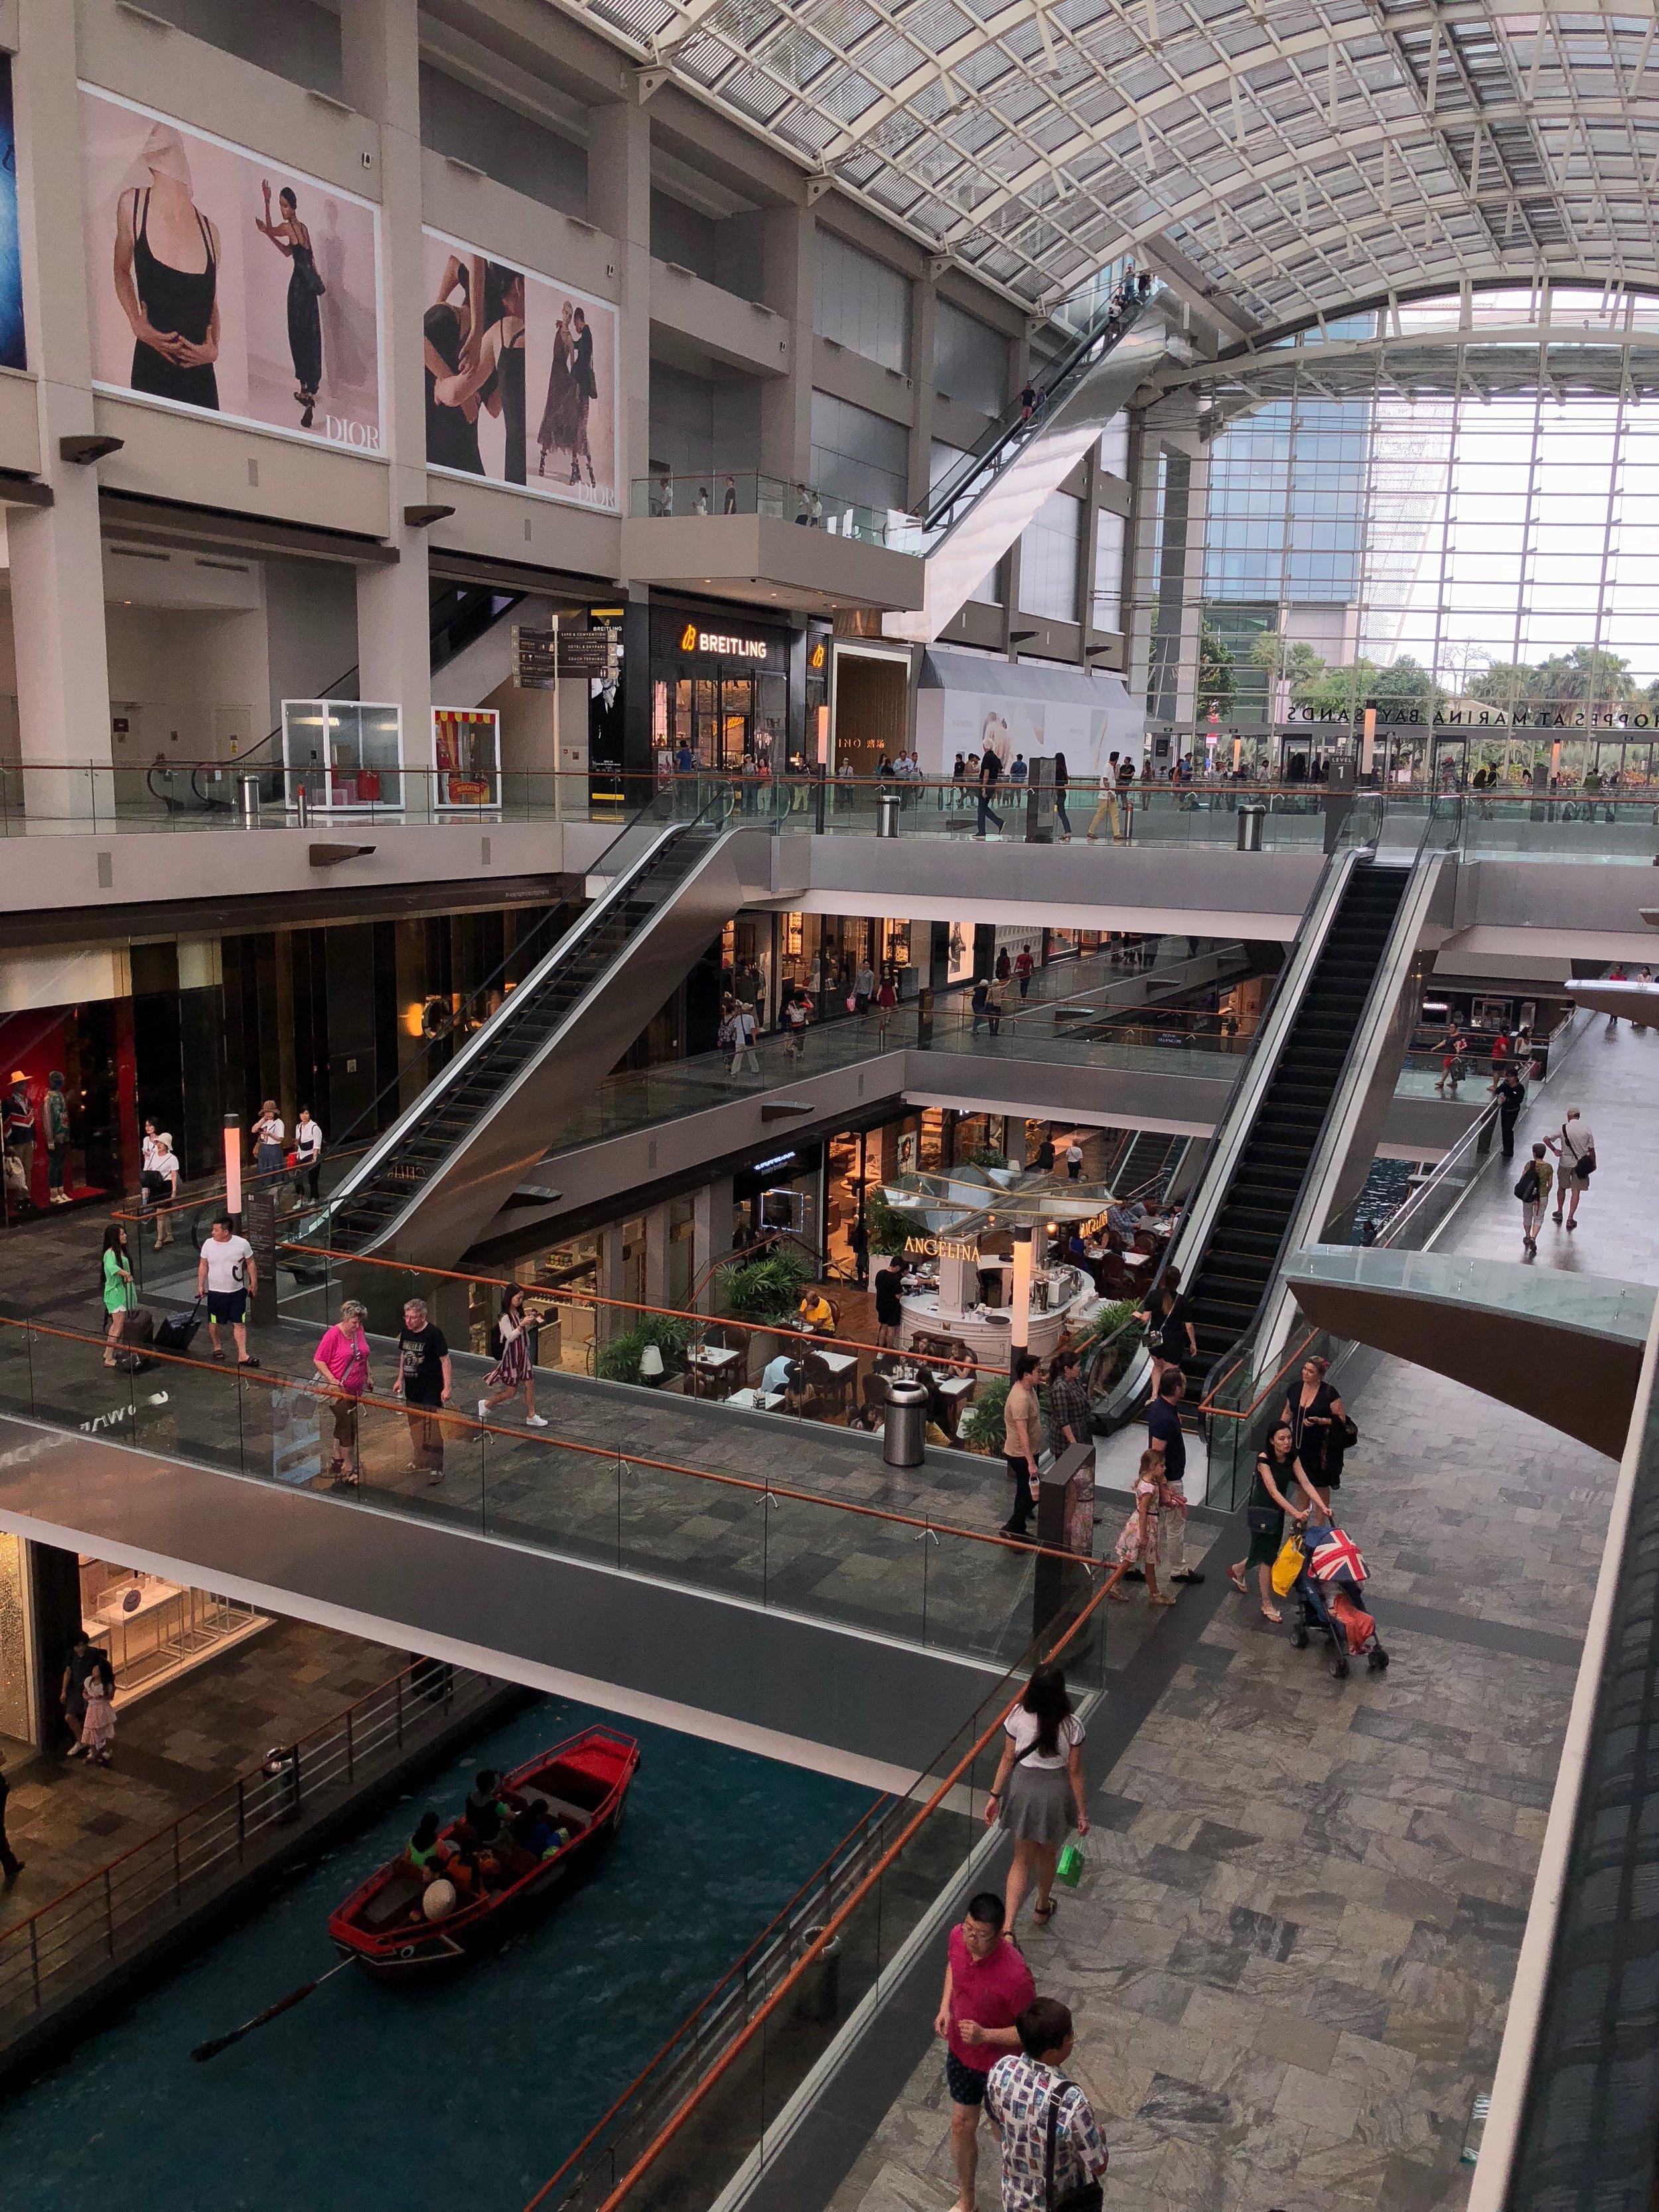 Adentro del centro comercial de Marina Bay Sands habían tiendas lujos y encontré la entrada para Gardens By The Bay.